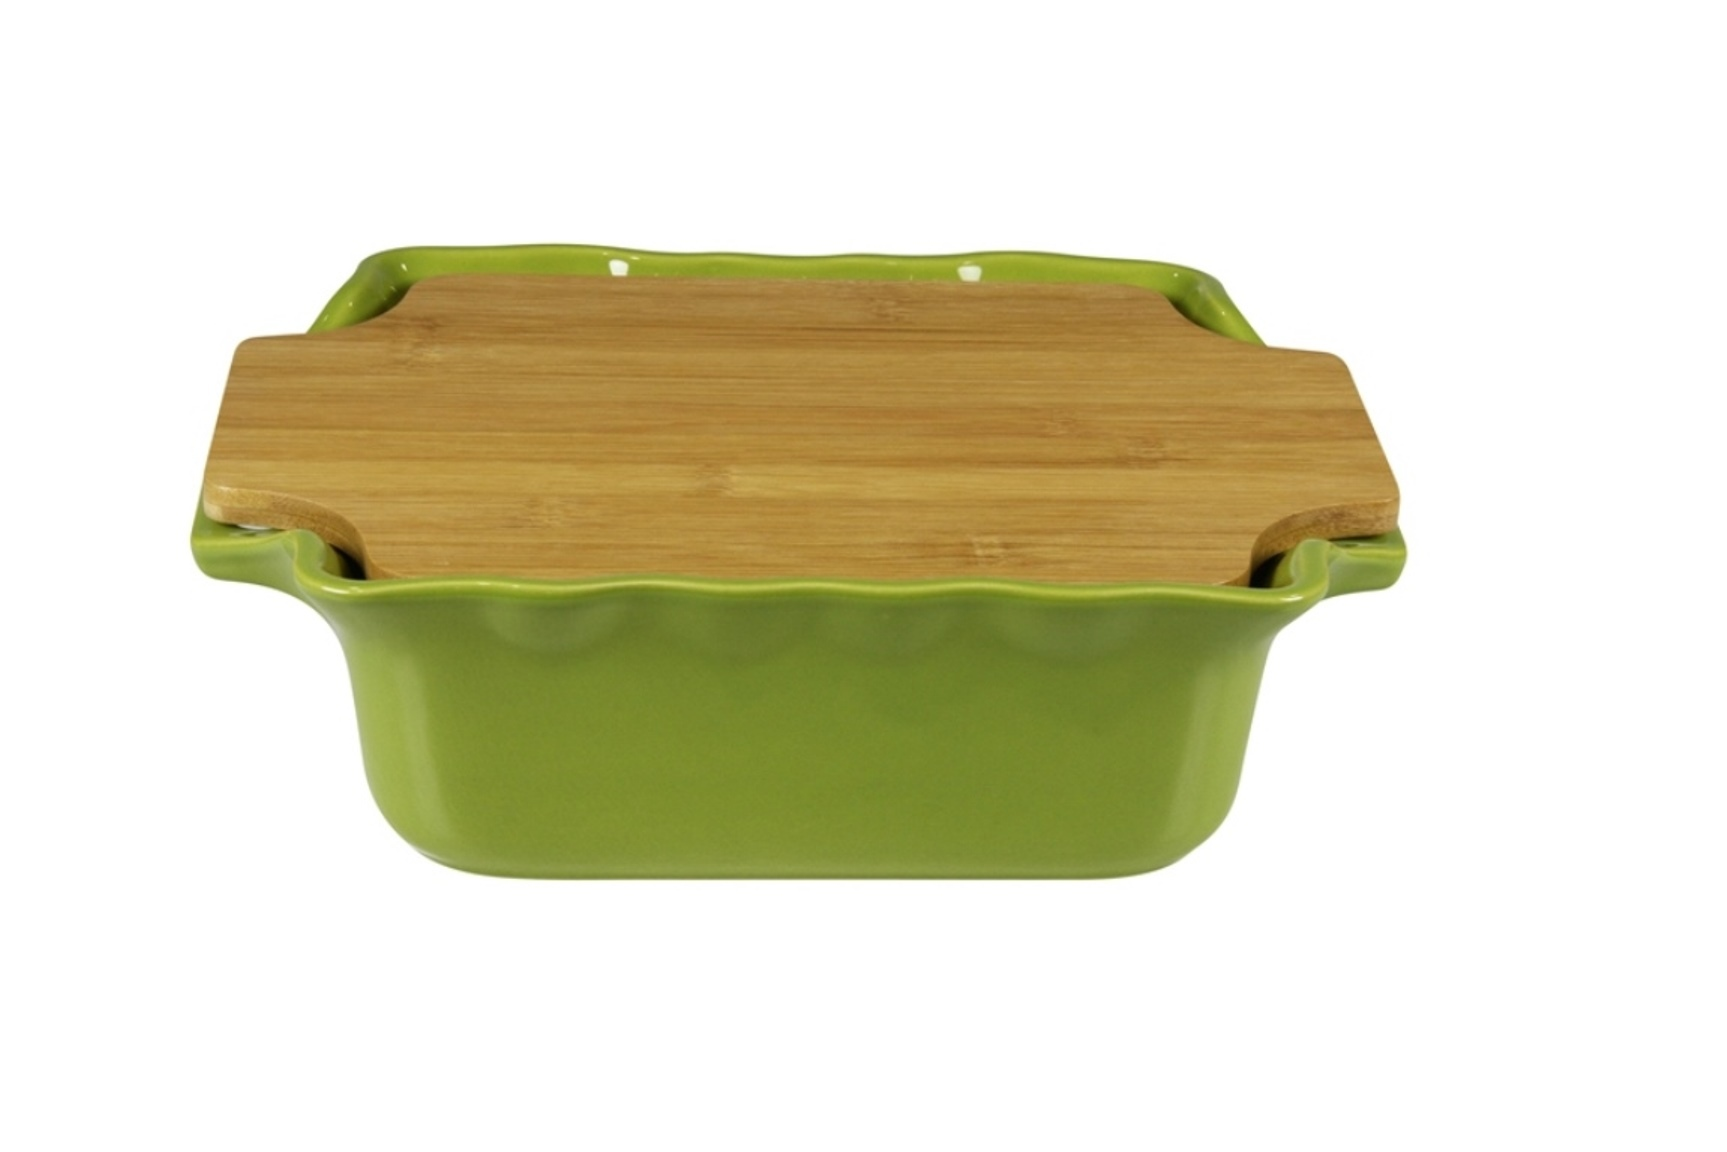 Форма с доской квадратная 30 см Appolia Cook&amp;Stock BAMBOO GREEN 130030003Формы для запекания (выпечки)<br>Форма с доской квадратная 30 см Appolia Cook&amp;Stock BAMBOO GREEN 130030003<br><br>В оригинальной коллекции Cook&amp;Stoock присутствуют мягкие цвета трех оттенков. Закругленные углы облегчают чистку. Легко использовать. Компактное хранение. В комплекте натуральные крышки из бамбука, которые можно использовать в качестве подставки, крышки и разделочной доски. Прочная жароустойчивая керамика экологична и изготавливается из высококачественной глины. Прочная глазурь устойчива к растрескиванию и сколам, не содержит свинца и кадмия. Глина обеспечивает медленный и равномерный нагрев, деликатное приготовление с сохранением всех питательных веществ и витаминов, а та же долго сохраняет тепло, что удобно при сервировке горячих блюд.<br>